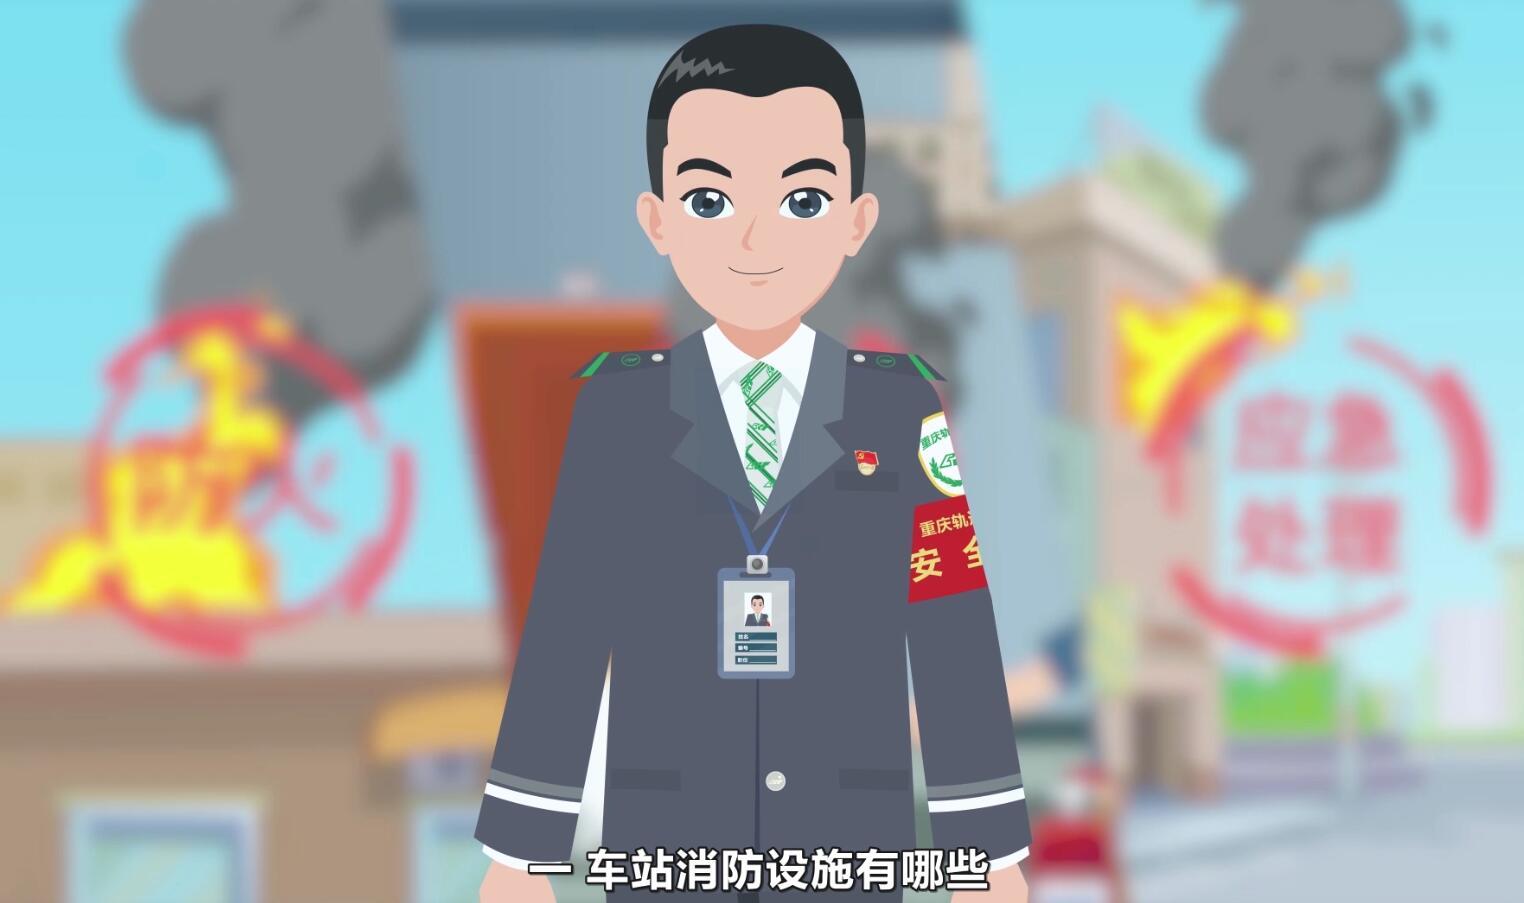 重庆轨道轻轨消防动画宣传片视频制作案例展示